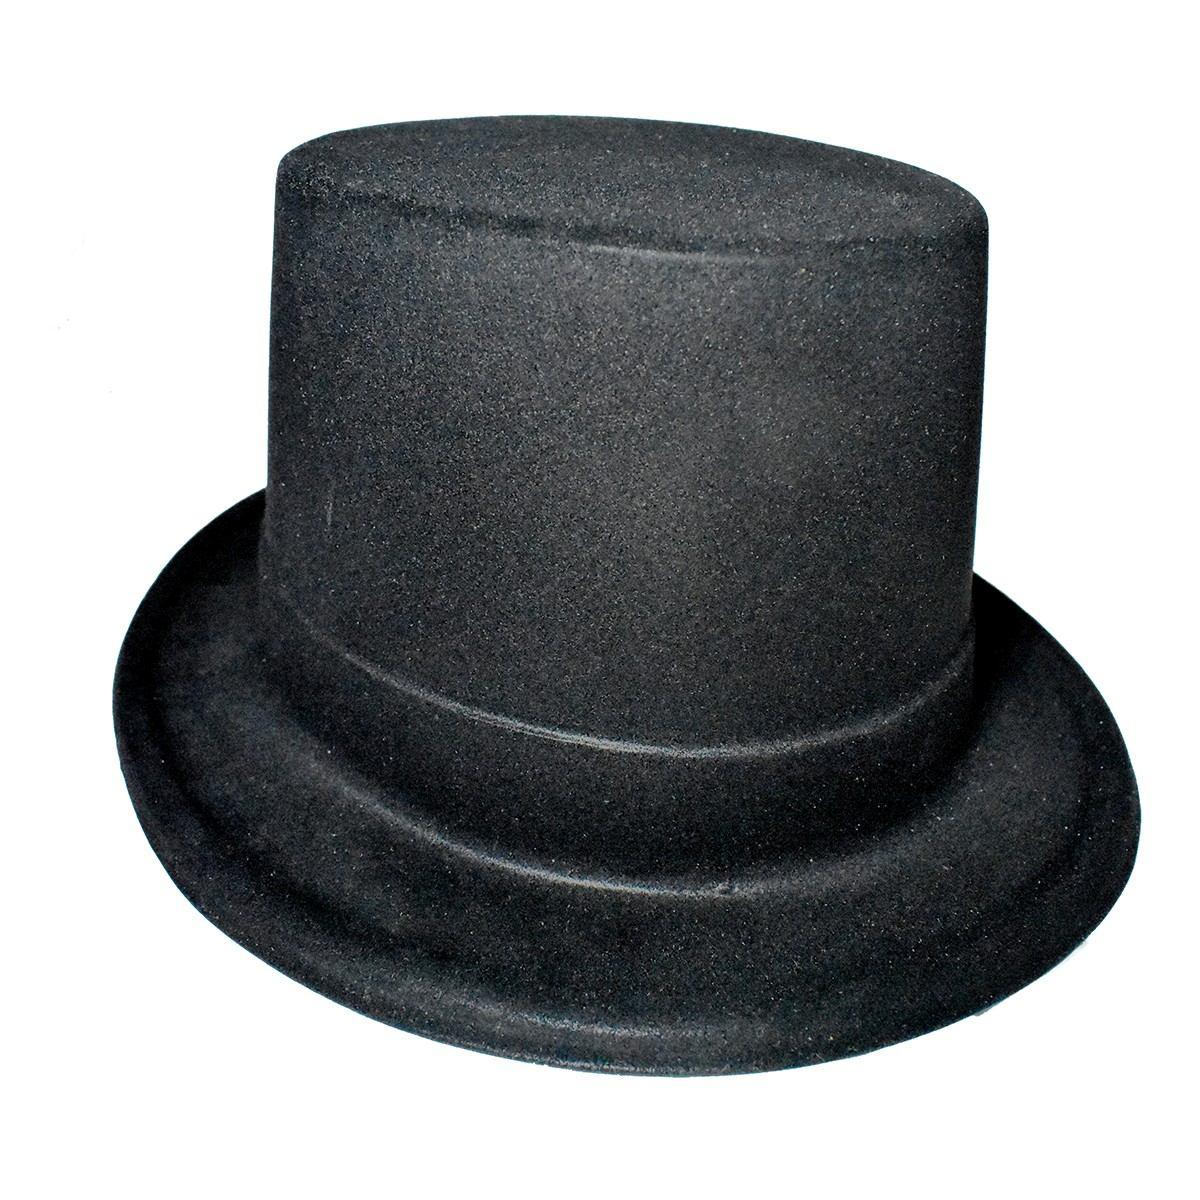 de73ebeee8a1e 30 sombreros copa tipo mago para fiestas eventos batucadas. Cargando zoom.